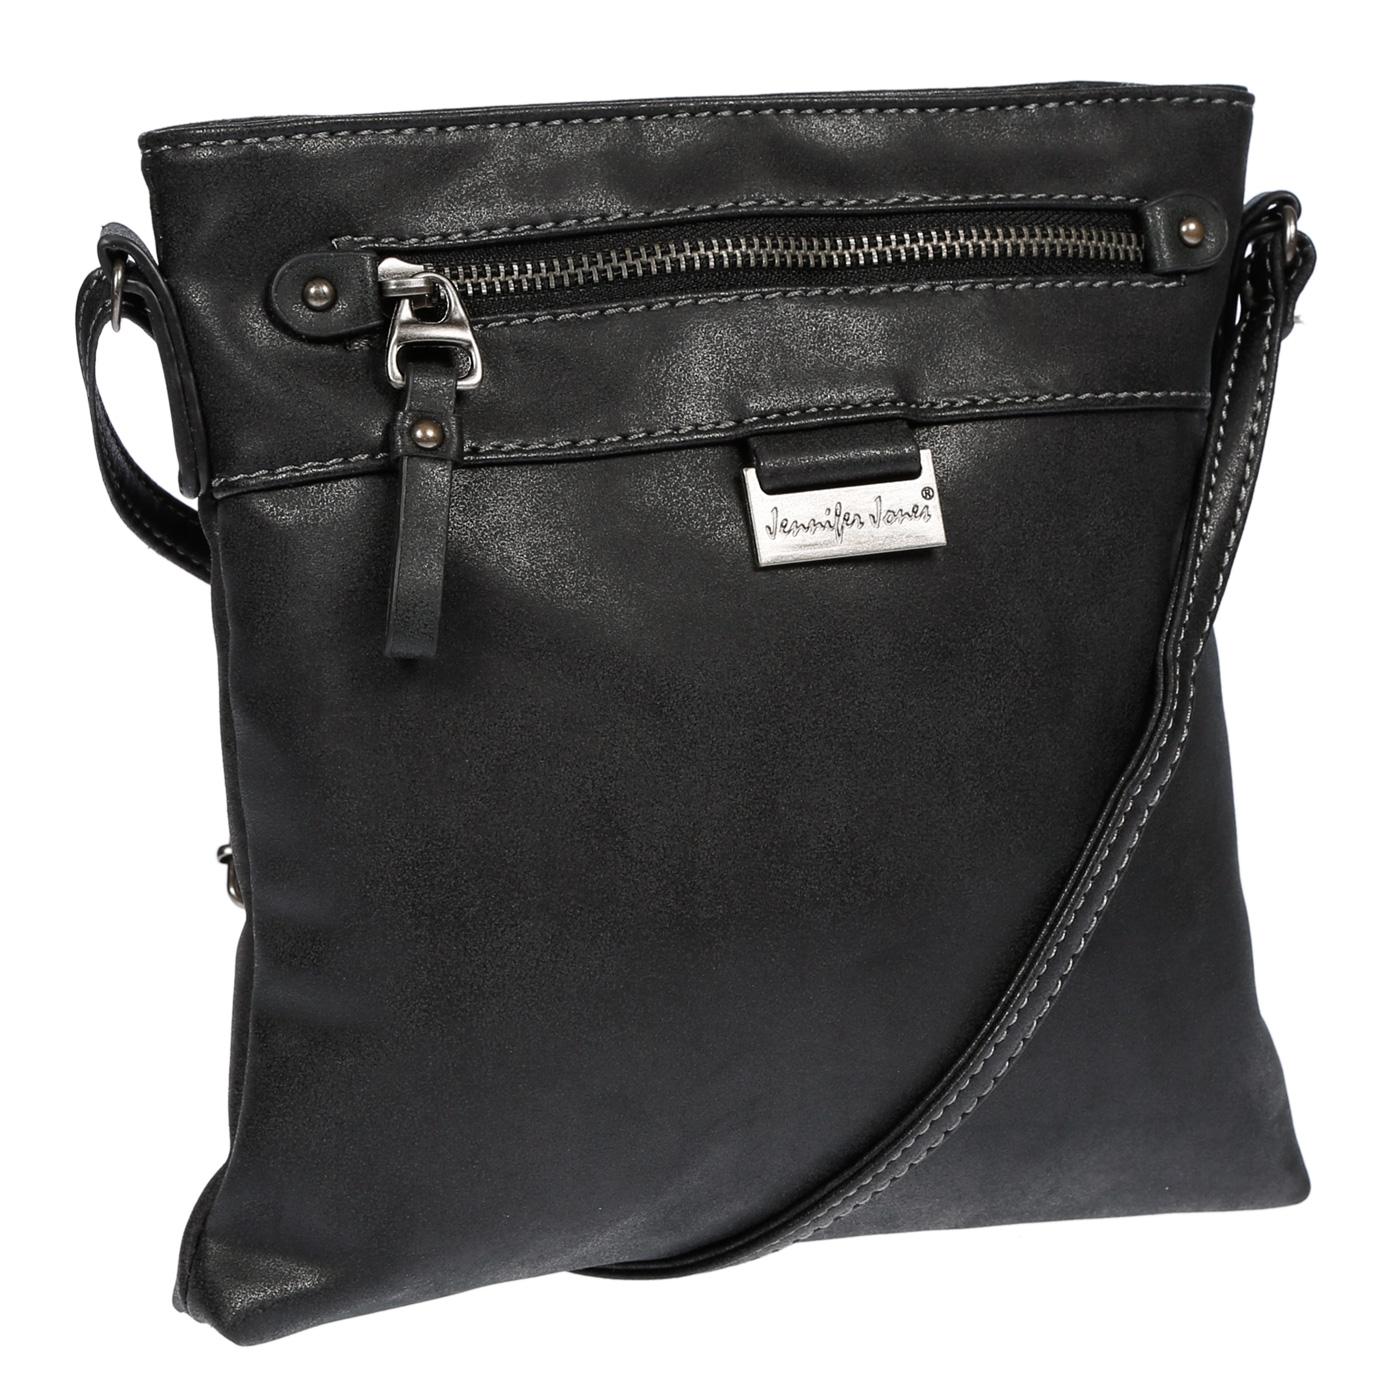 Damen-Handtasche-Umhaengetasche-Schultertasche-Tasche-Leder-Optik-Schwarz-Weiss Indexbild 10